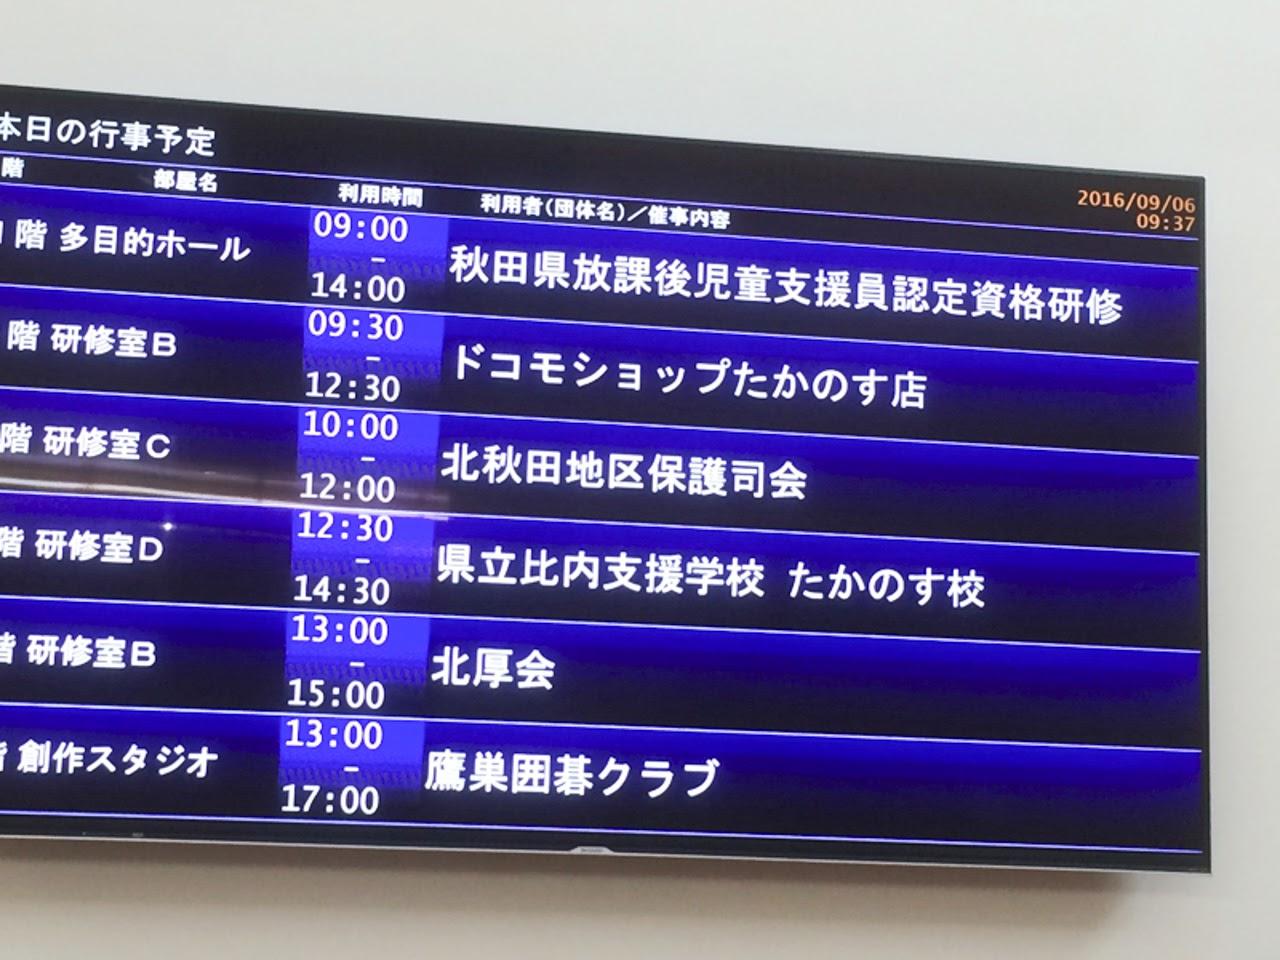 【北秋田市たかのすまち歩き】市民ふれあいプラザコムコムでWi-Fi利用してみた感想